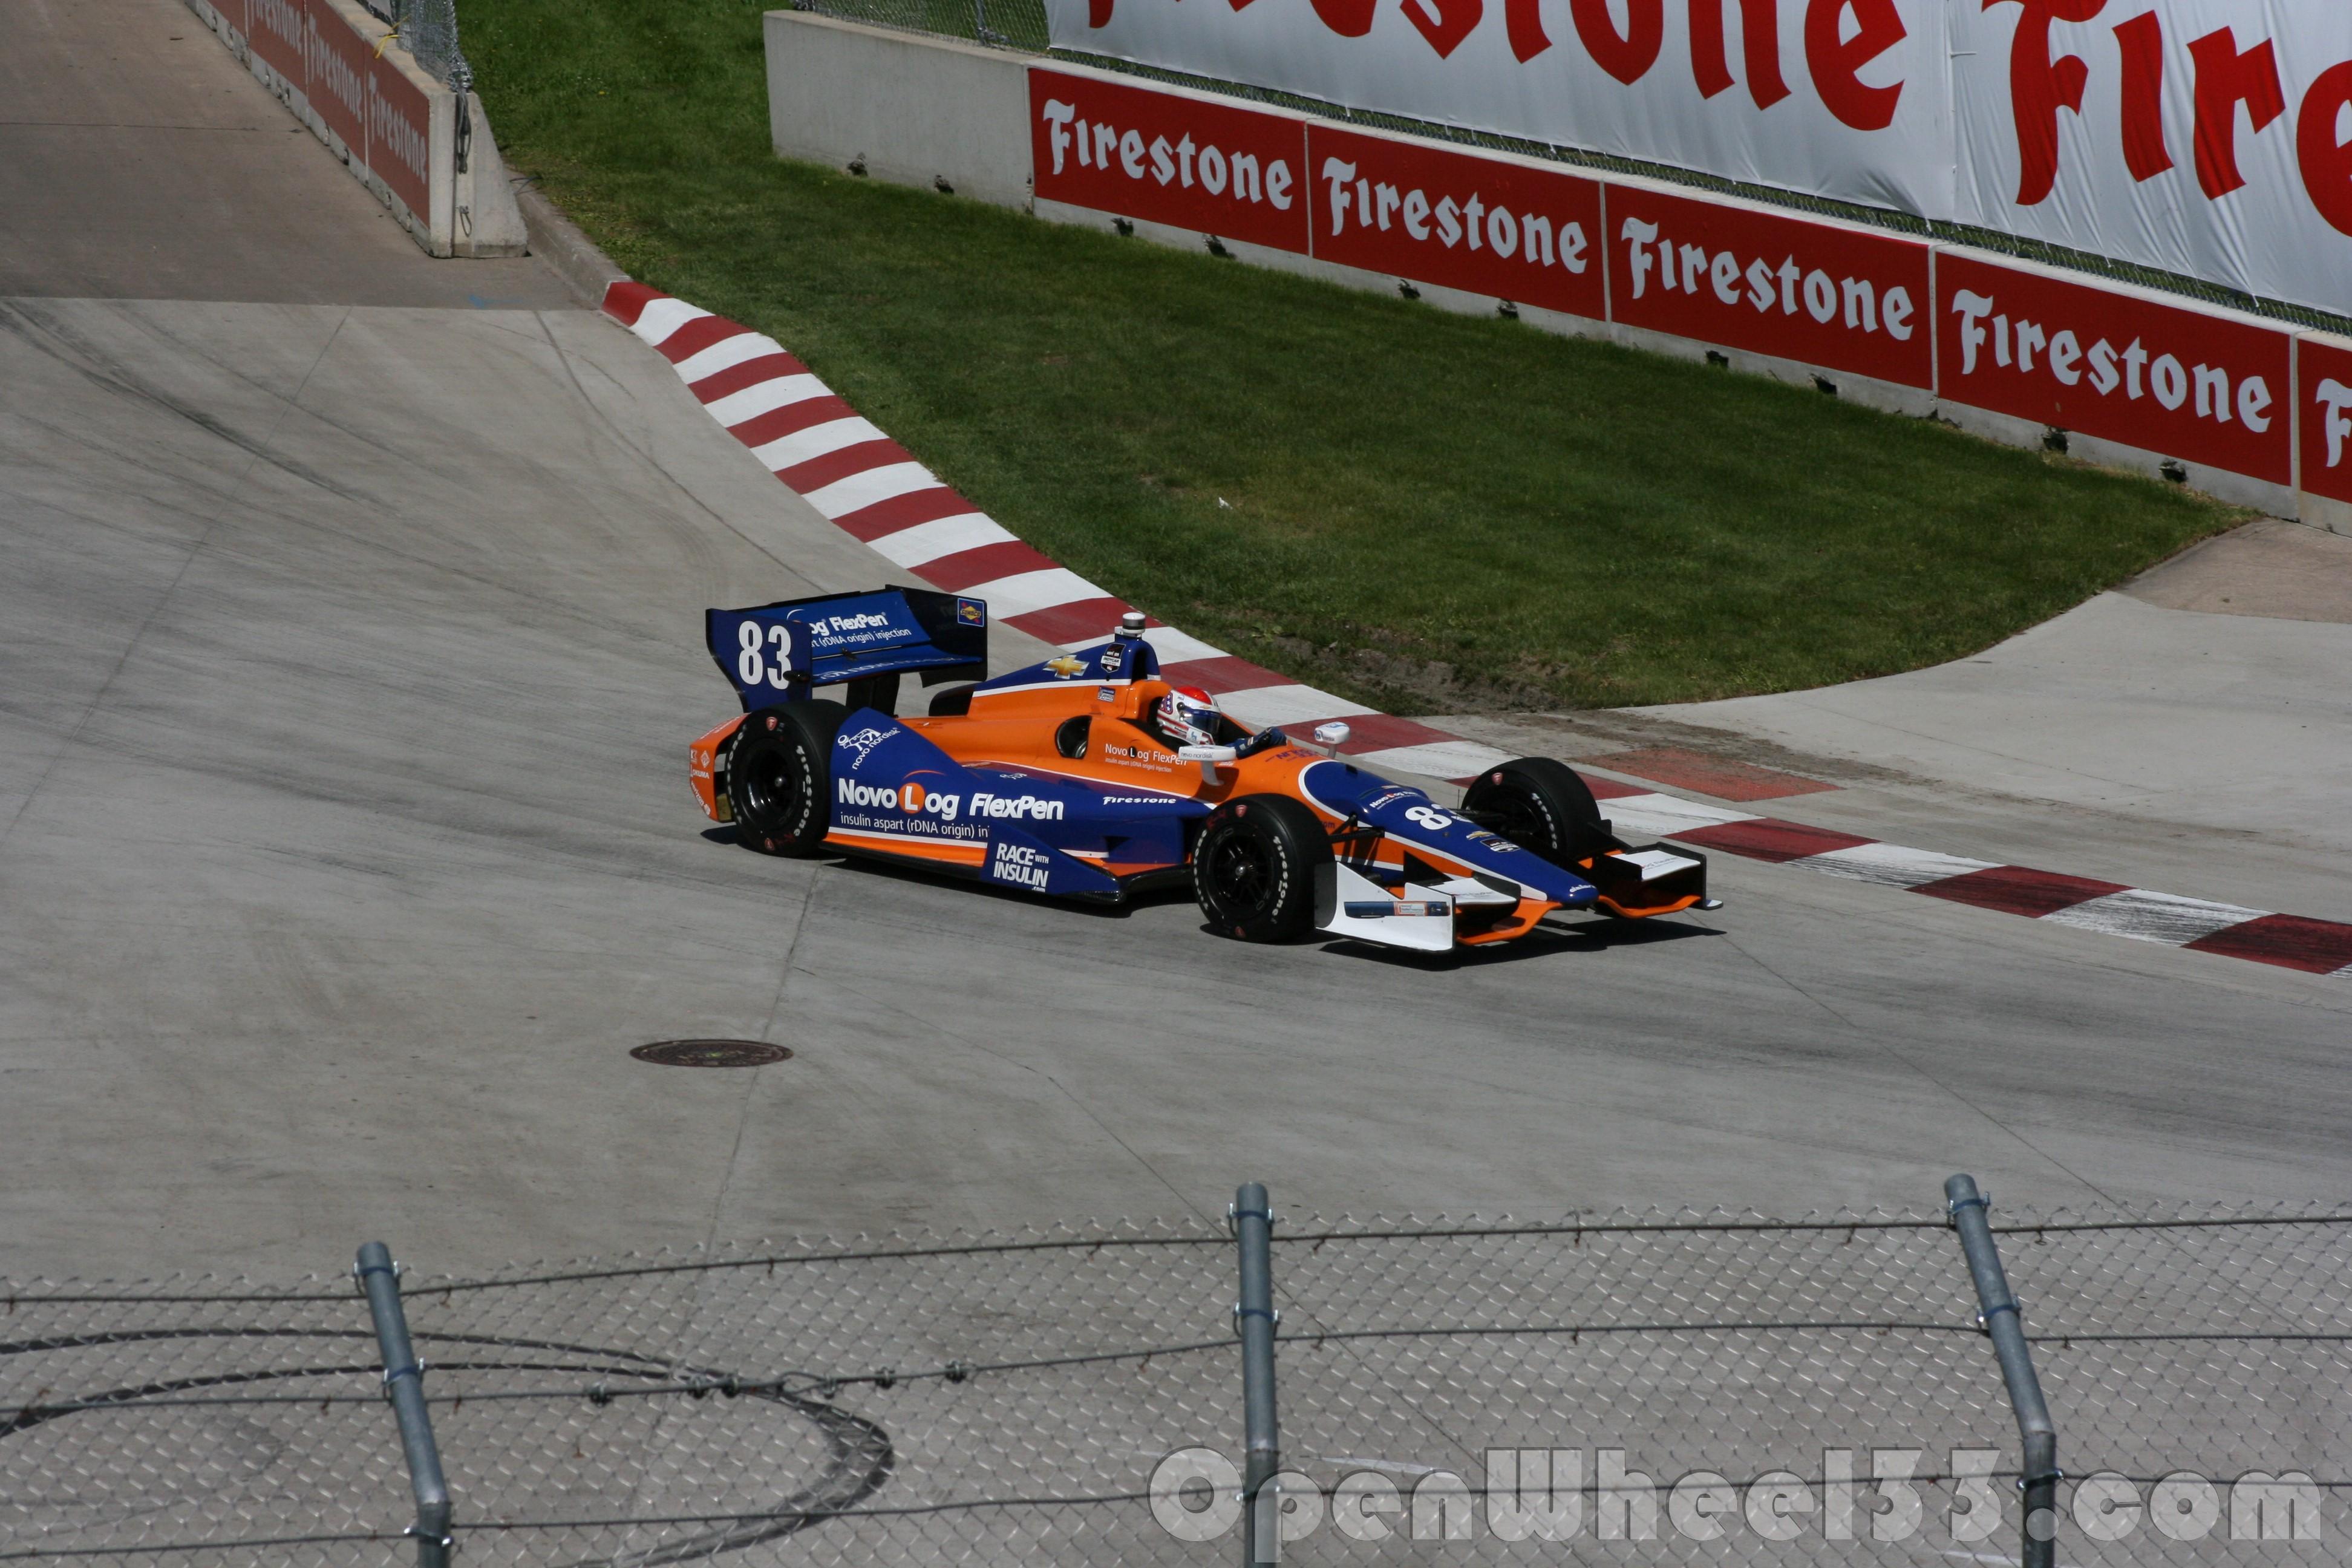 2014 Detroit GP R1 - 49 - PH